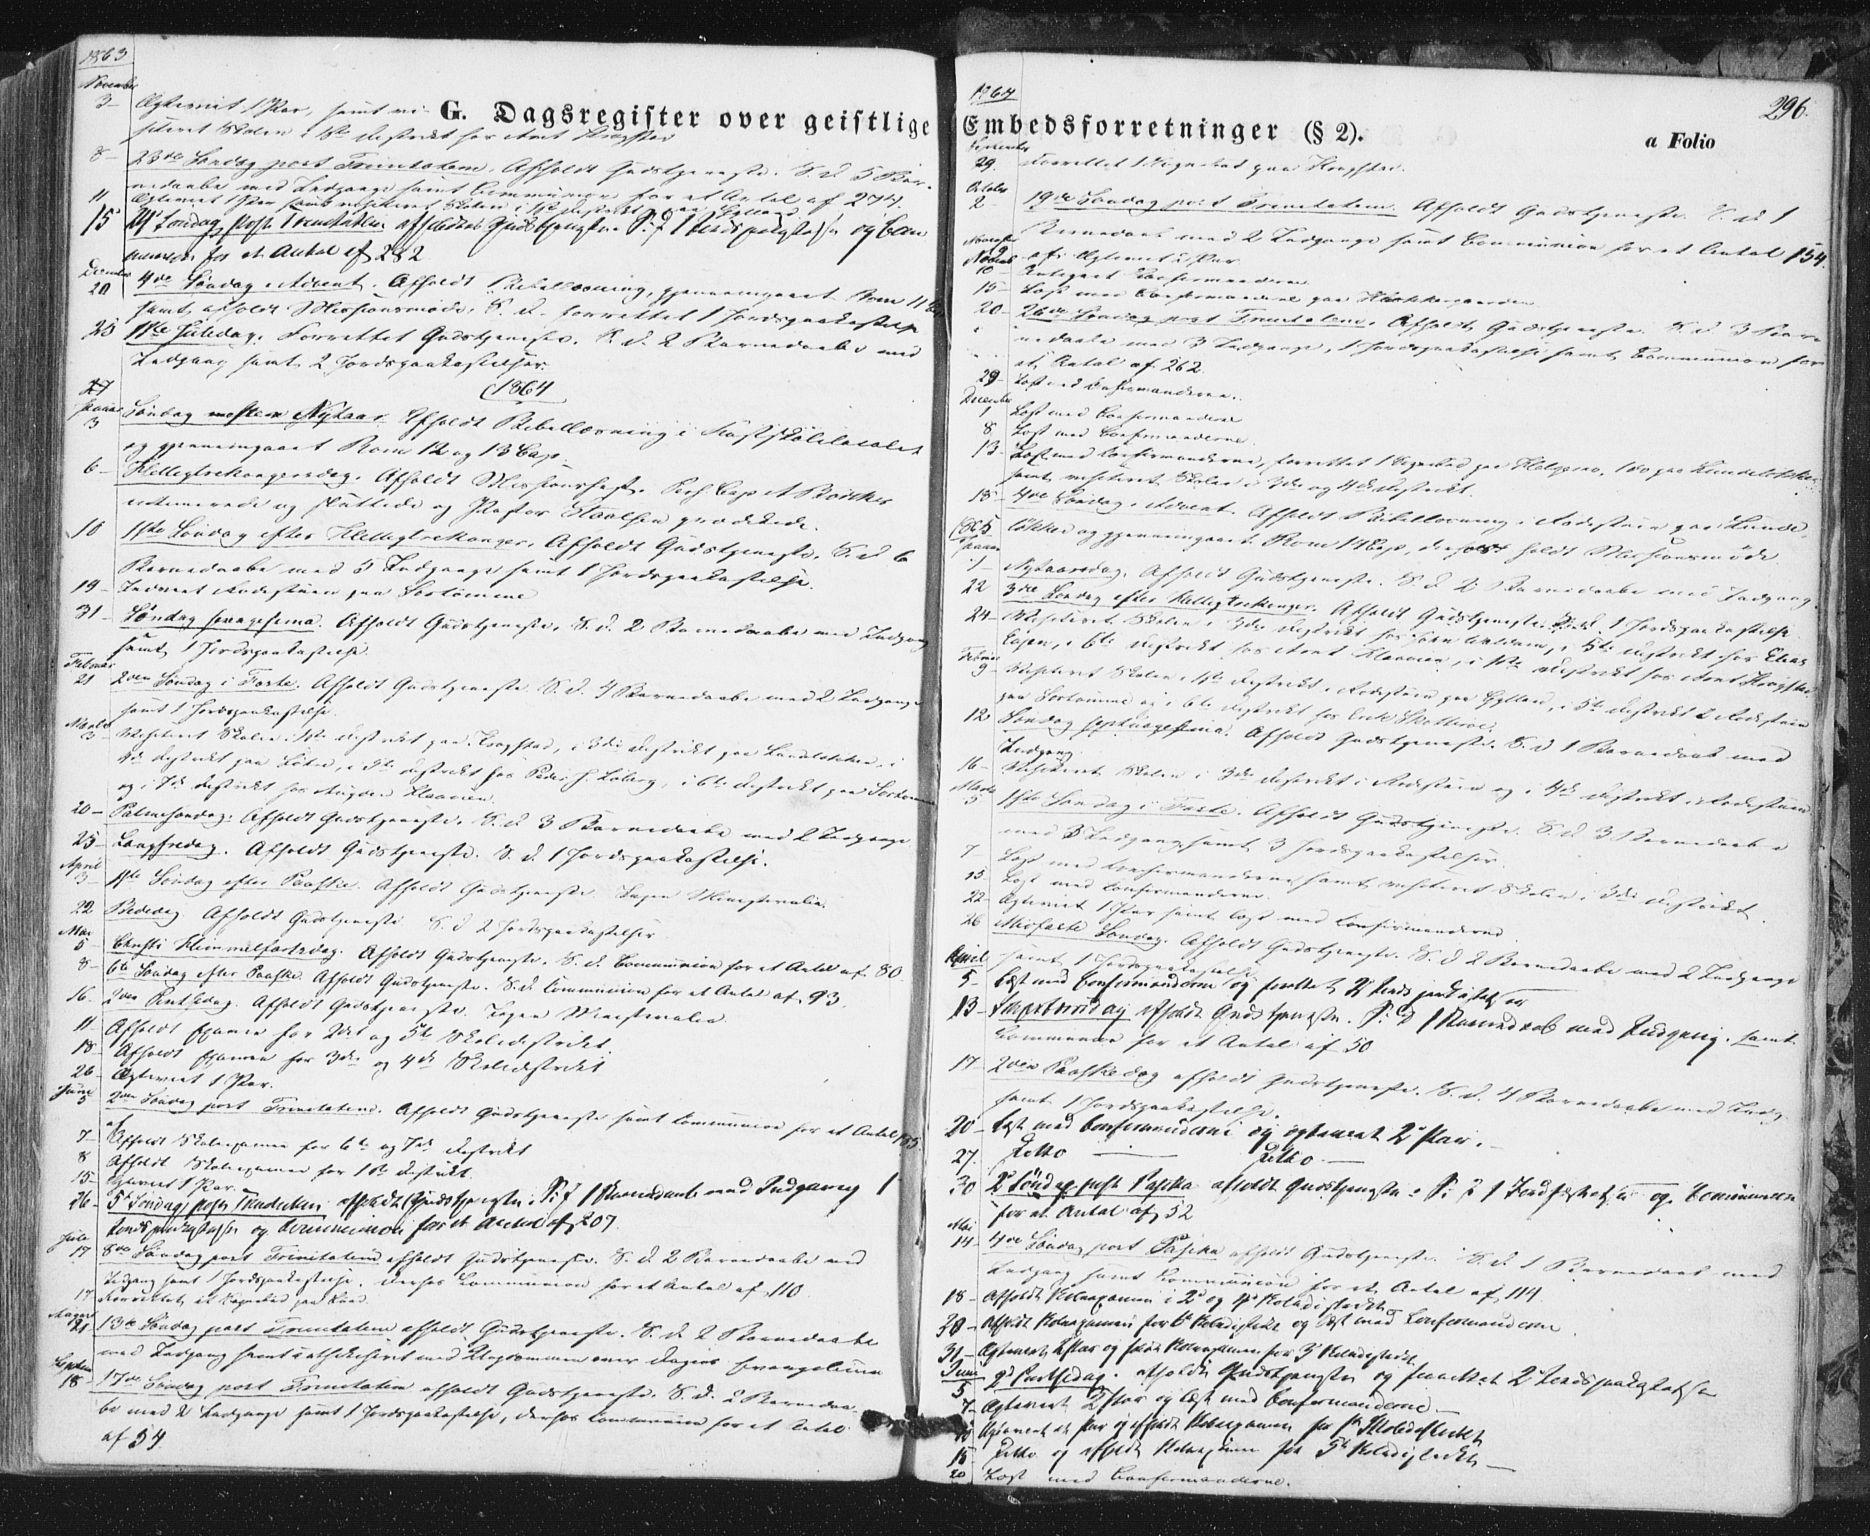 SAT, Ministerialprotokoller, klokkerbøker og fødselsregistre - Sør-Trøndelag, 692/L1103: Ministerialbok nr. 692A03, 1849-1870, s. 296